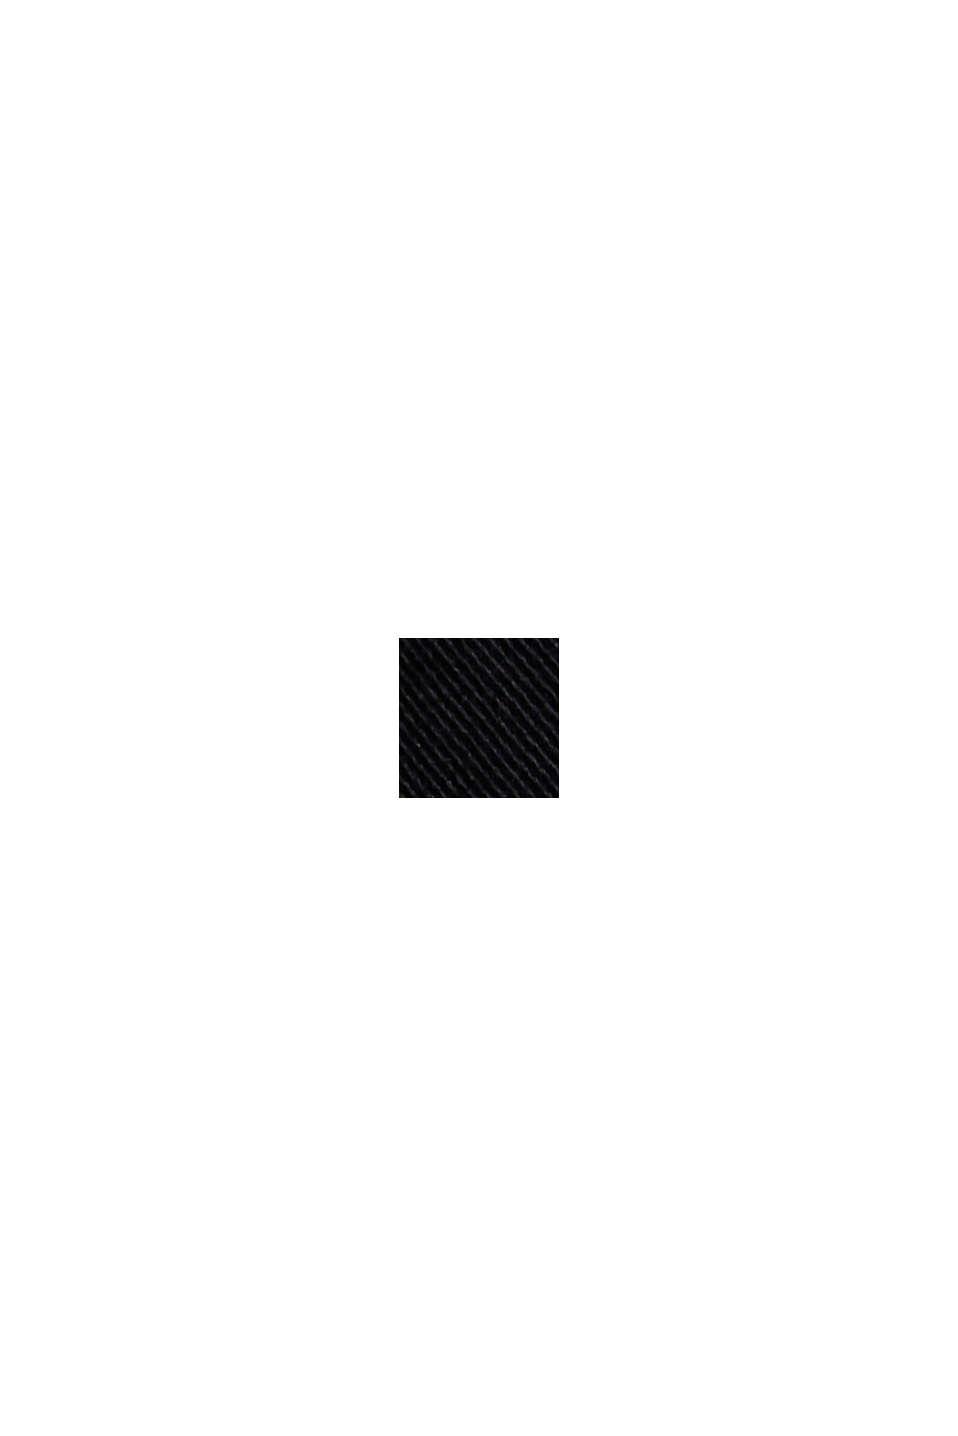 Nilkkapituiset verkkarihousut luomupuuvillaa, BLACK, swatch